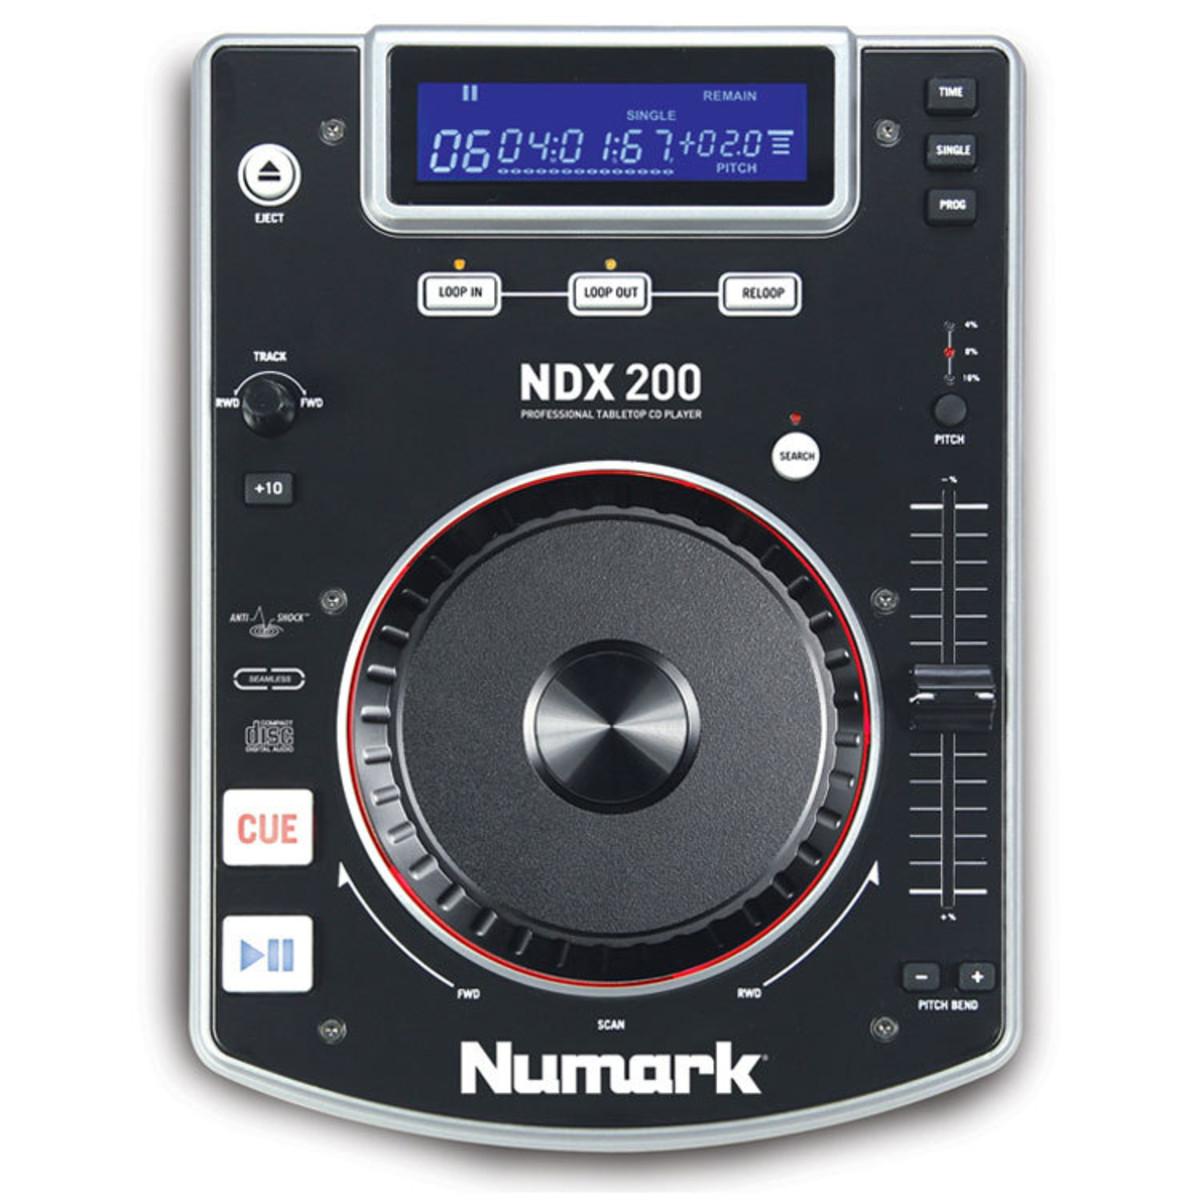 Numark lettore cd da tavolo ndx200 a - Lettore mp3 da tavolo ...